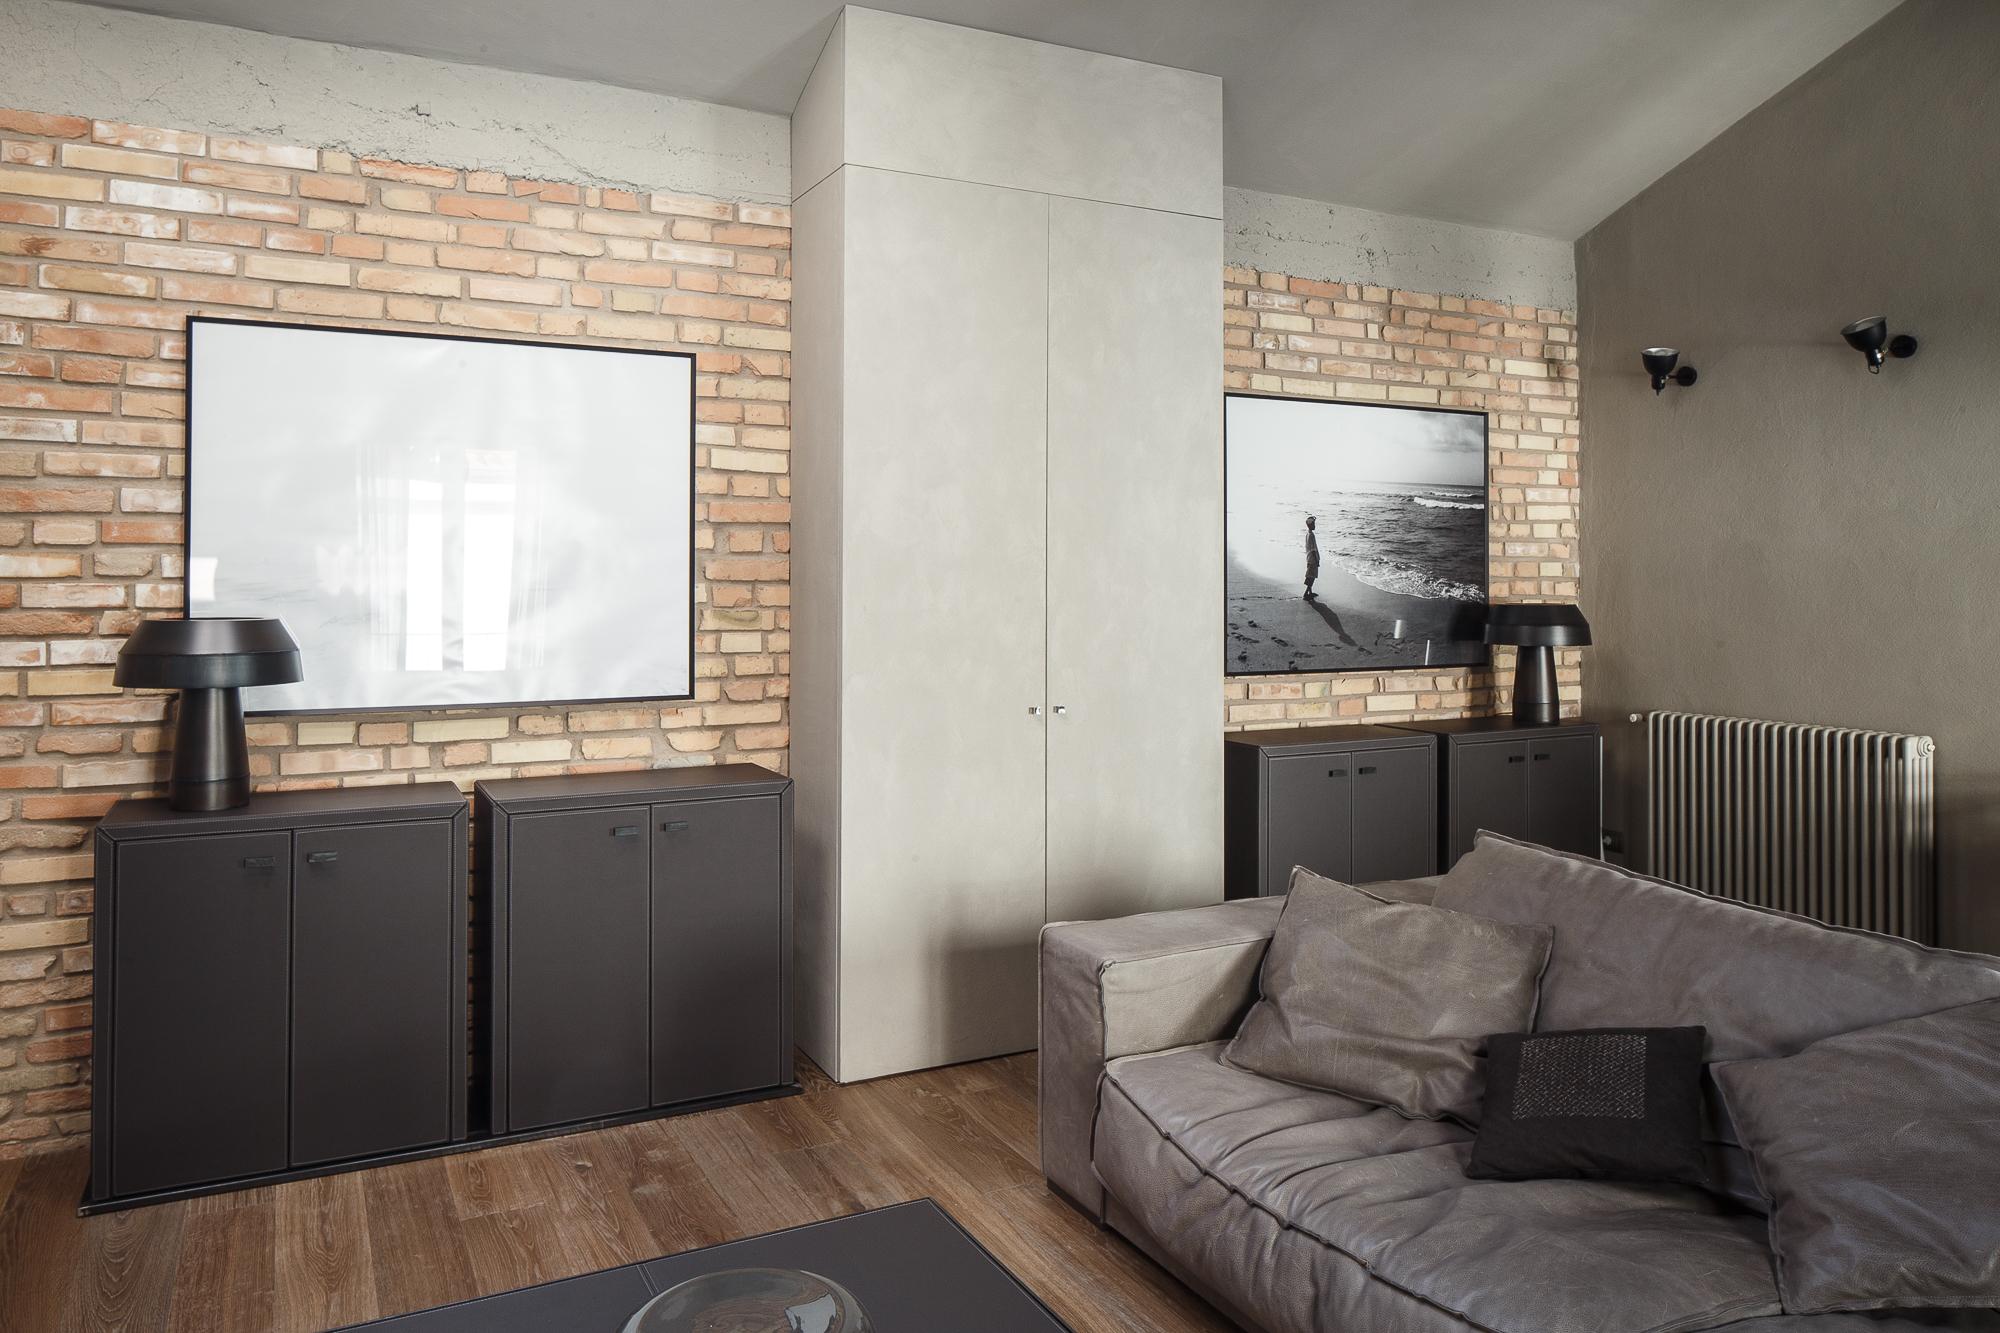 Studio Materia Residenza privata 02